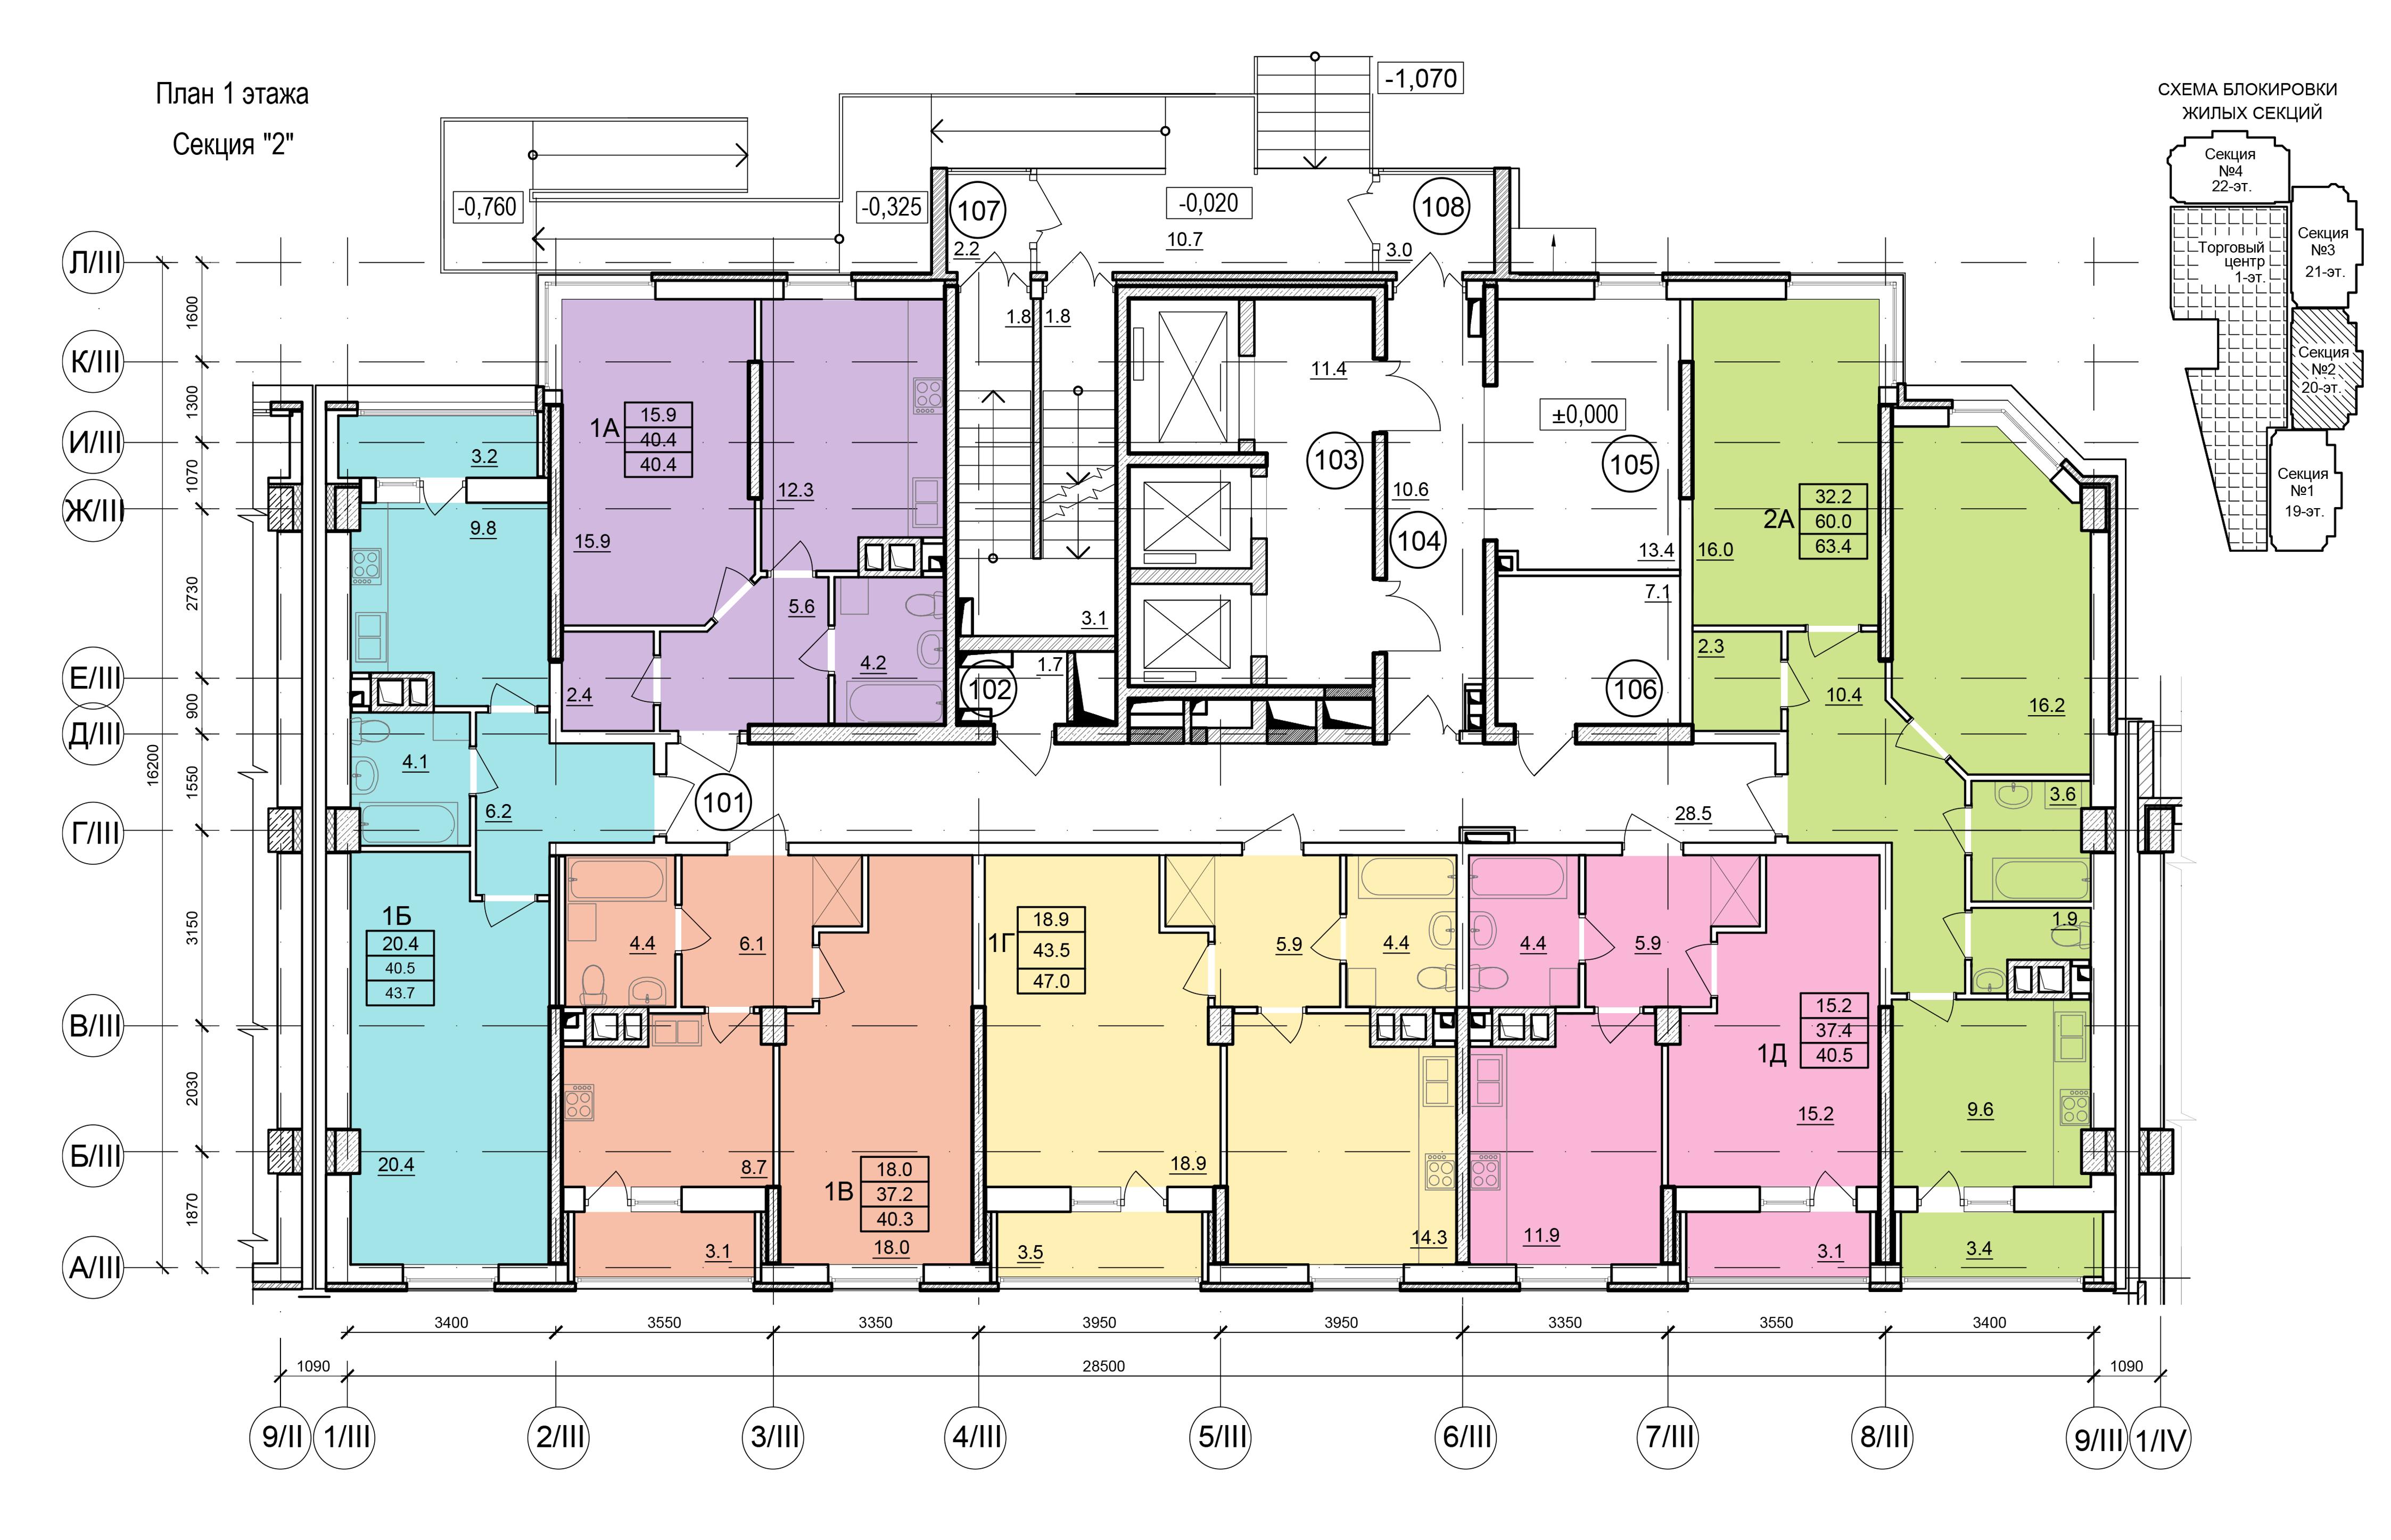 Планировки ЖК Балковский - Стикон. Секция 2, этаж 1